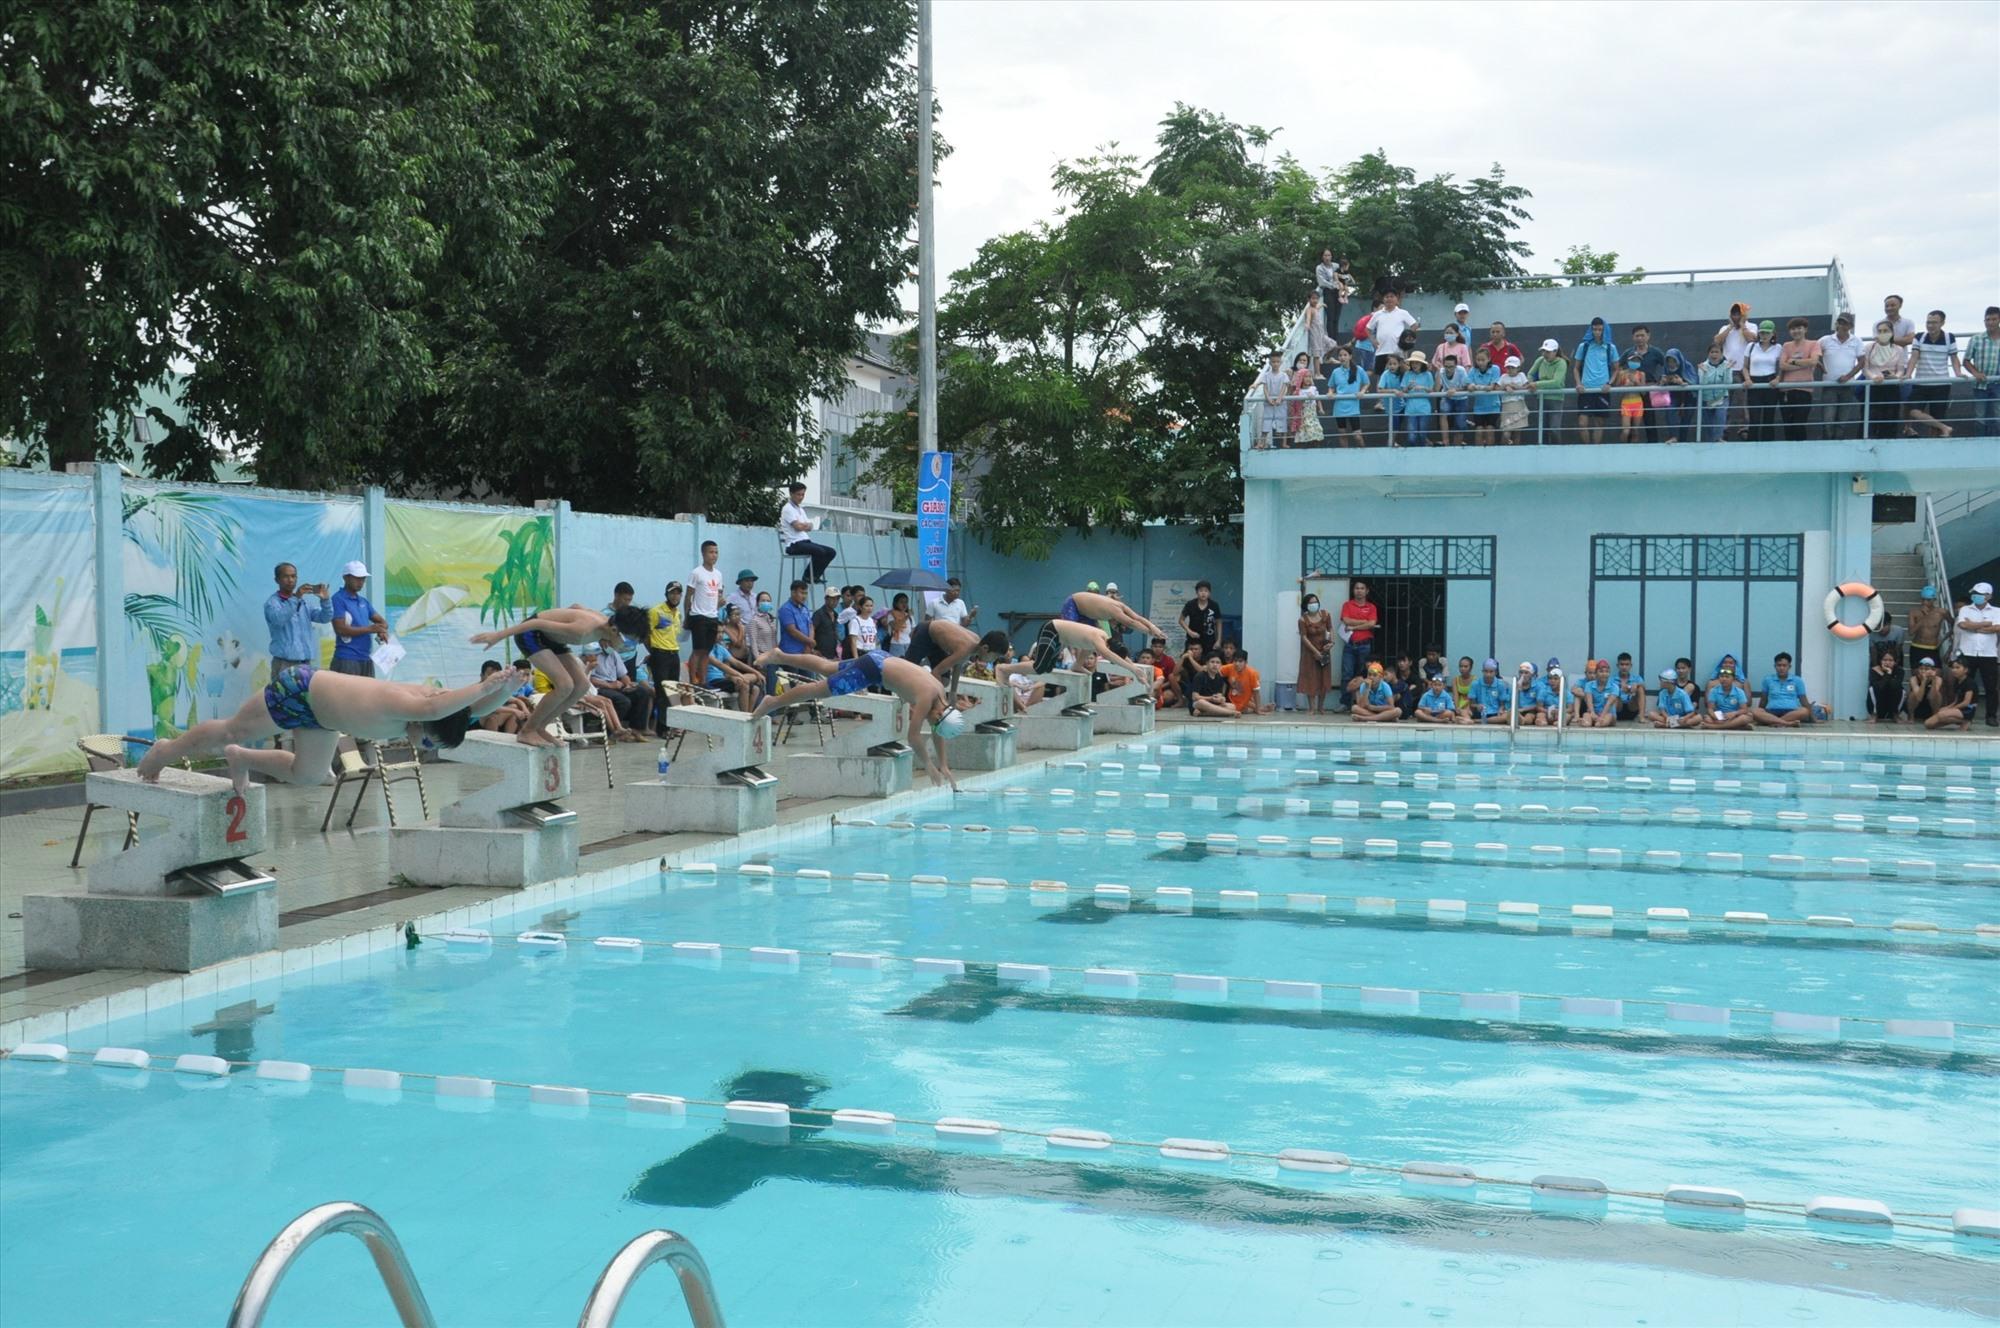 Trung tâm Thanh thiếu niên miền Trung sẽ là địa điểm tổ chức giải Bơi học sinh phổ  thông toàn quốc năm 2020 (các vận động viên thi đấu tại giải Bơi các nhóm tuổi tỉnh  Quảng Nam năm 2020). Ảnh: A.Sắc